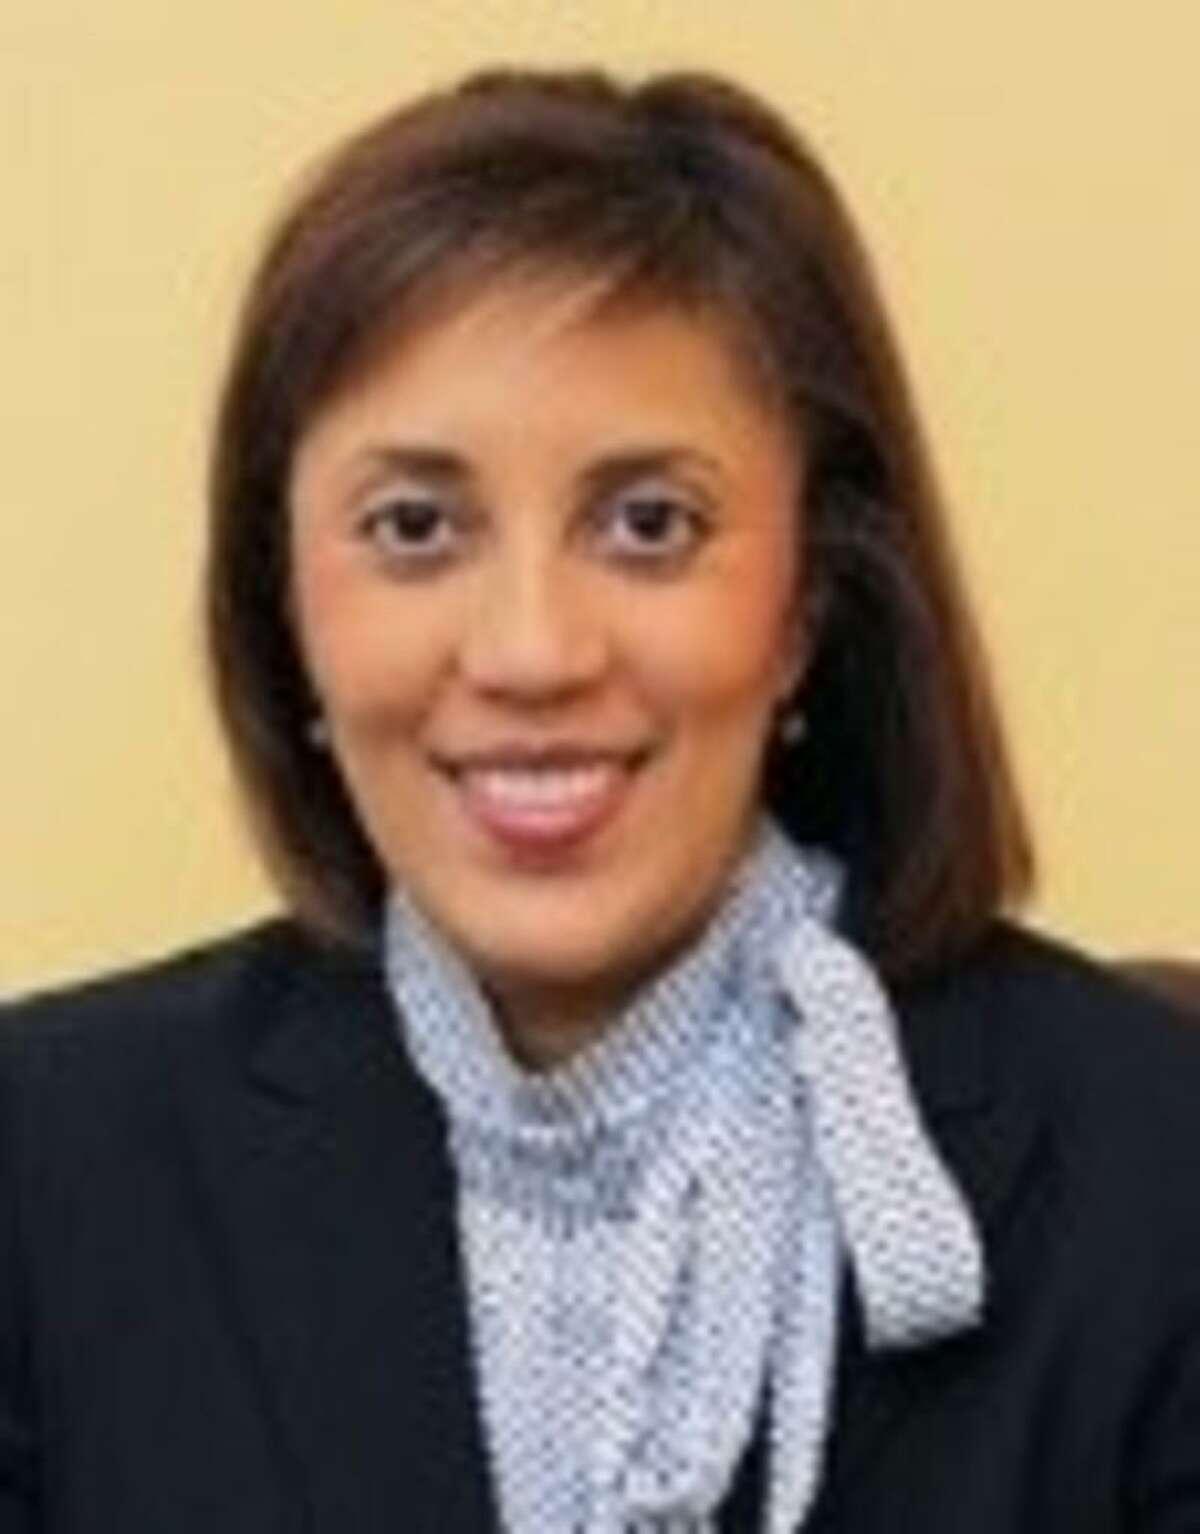 Karen DuBois-Walton